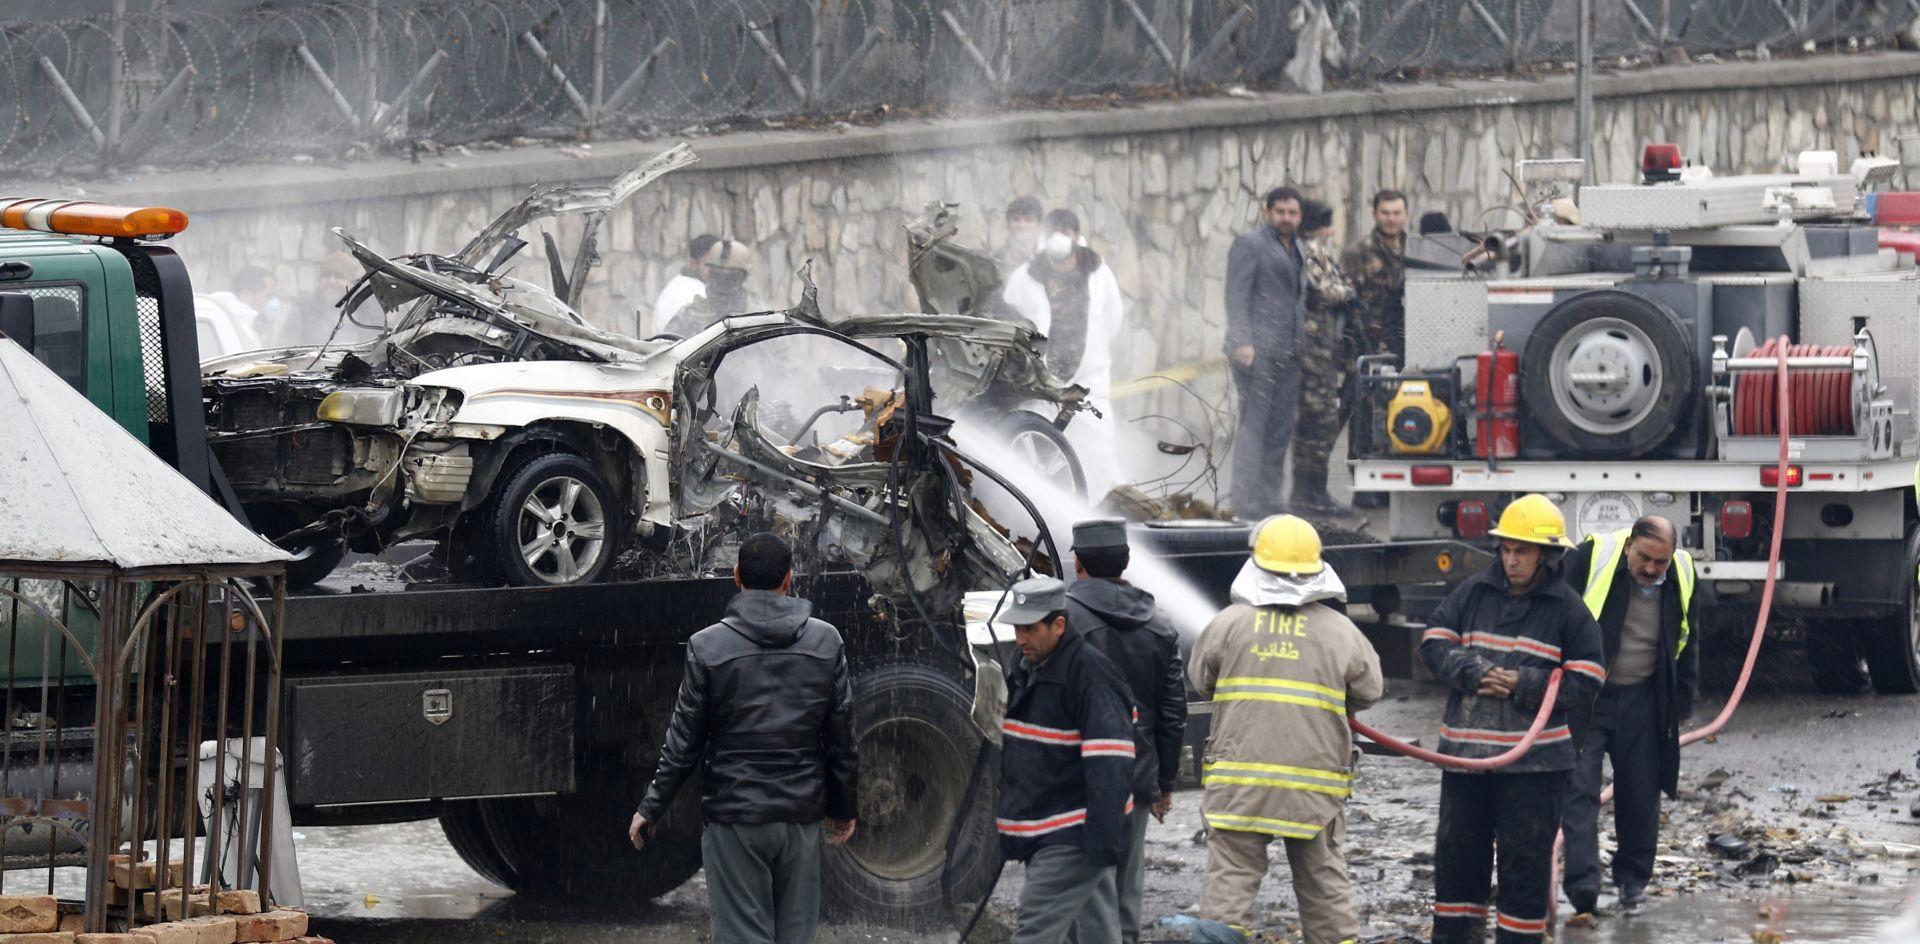 EKSPLOZIJA AUTOBOMBE: Najmanje četvero mrtvih u napadu u Kabulu, broj ranjenih se popeo na 28